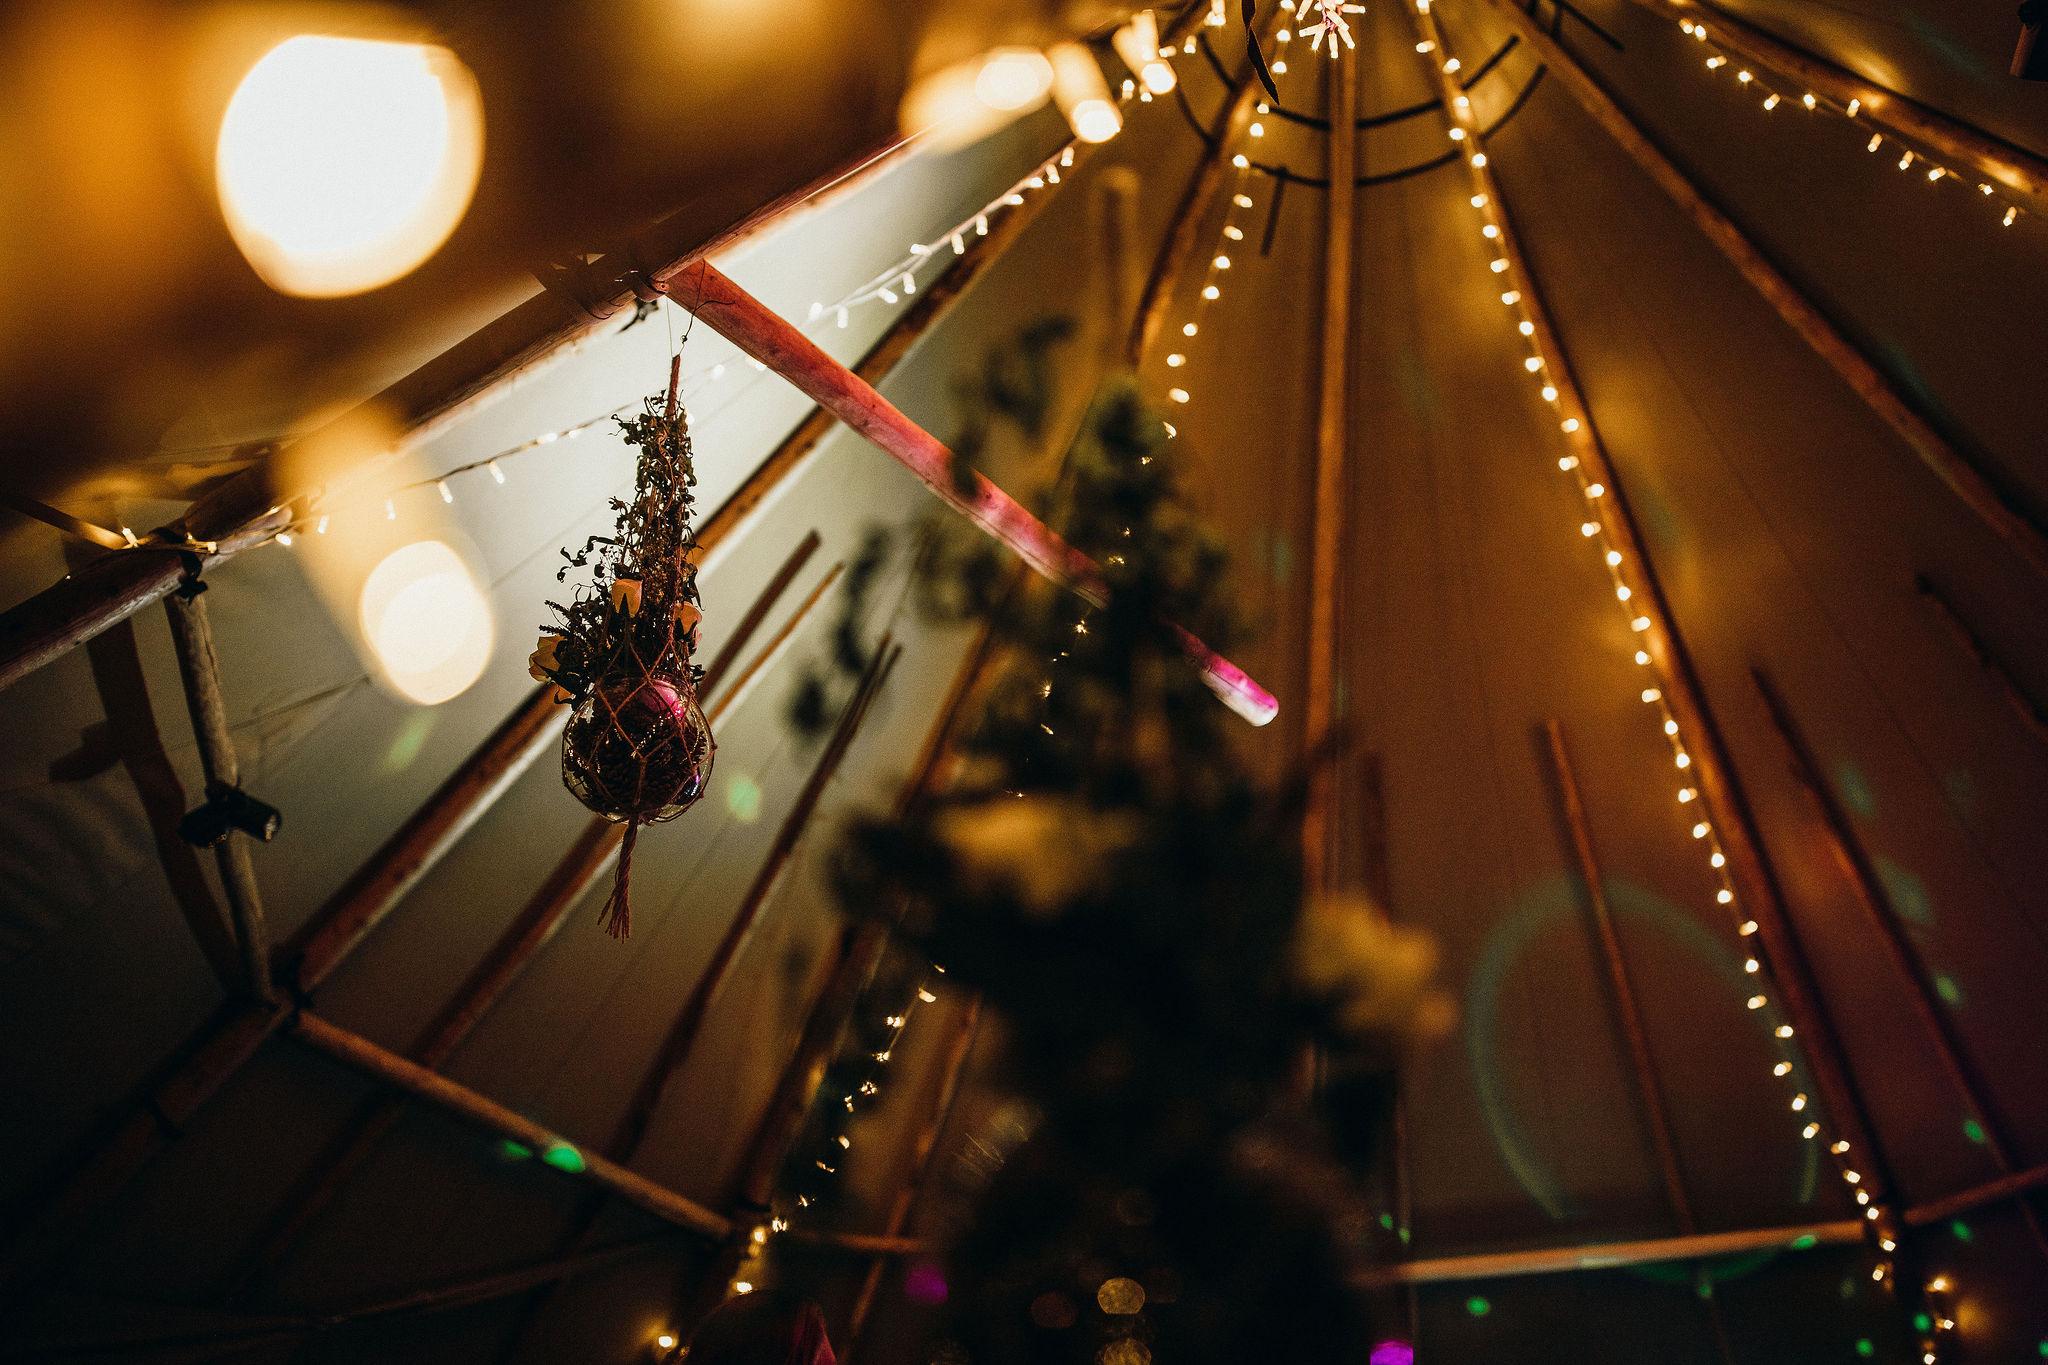 Lights in wedding tipi